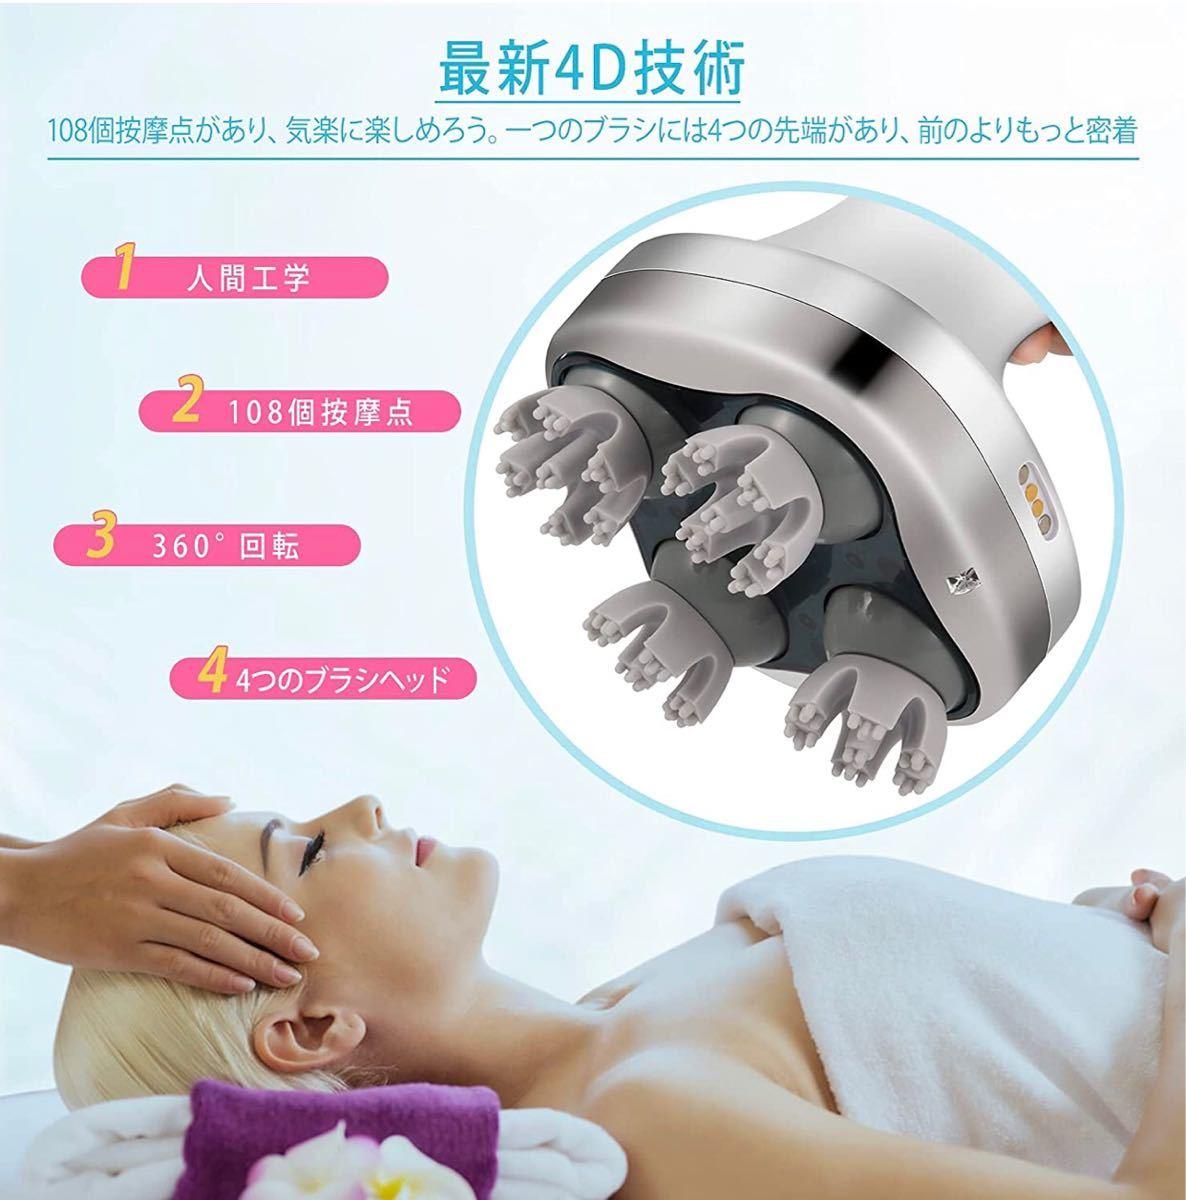 電動頭皮ブラシ IPX7防水 乾湿両用 USB充電台座 電動ブラシ 日本4D技術 お風呂 自宅 男女兼用 洗顔ブラシ付き